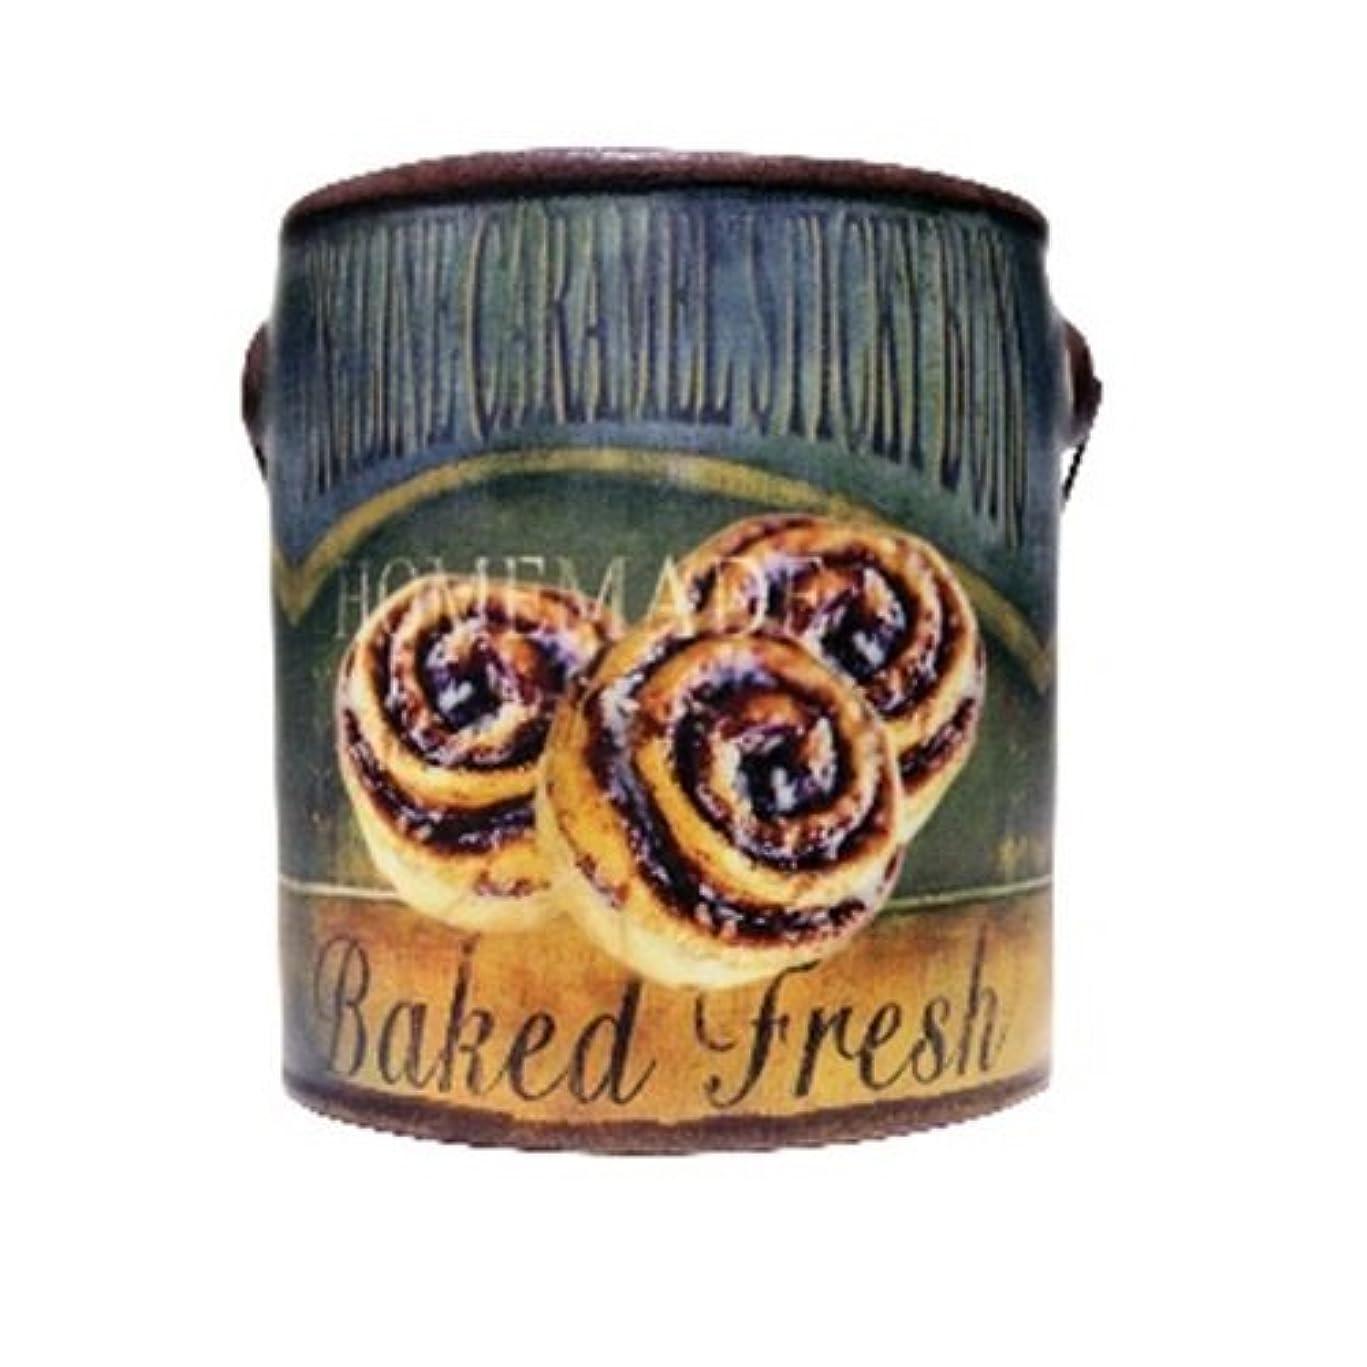 あいさつポインタチャペルA Cheerful Giver Praline Caramel Farm Fresh Candle 20 oz [並行輸入品]